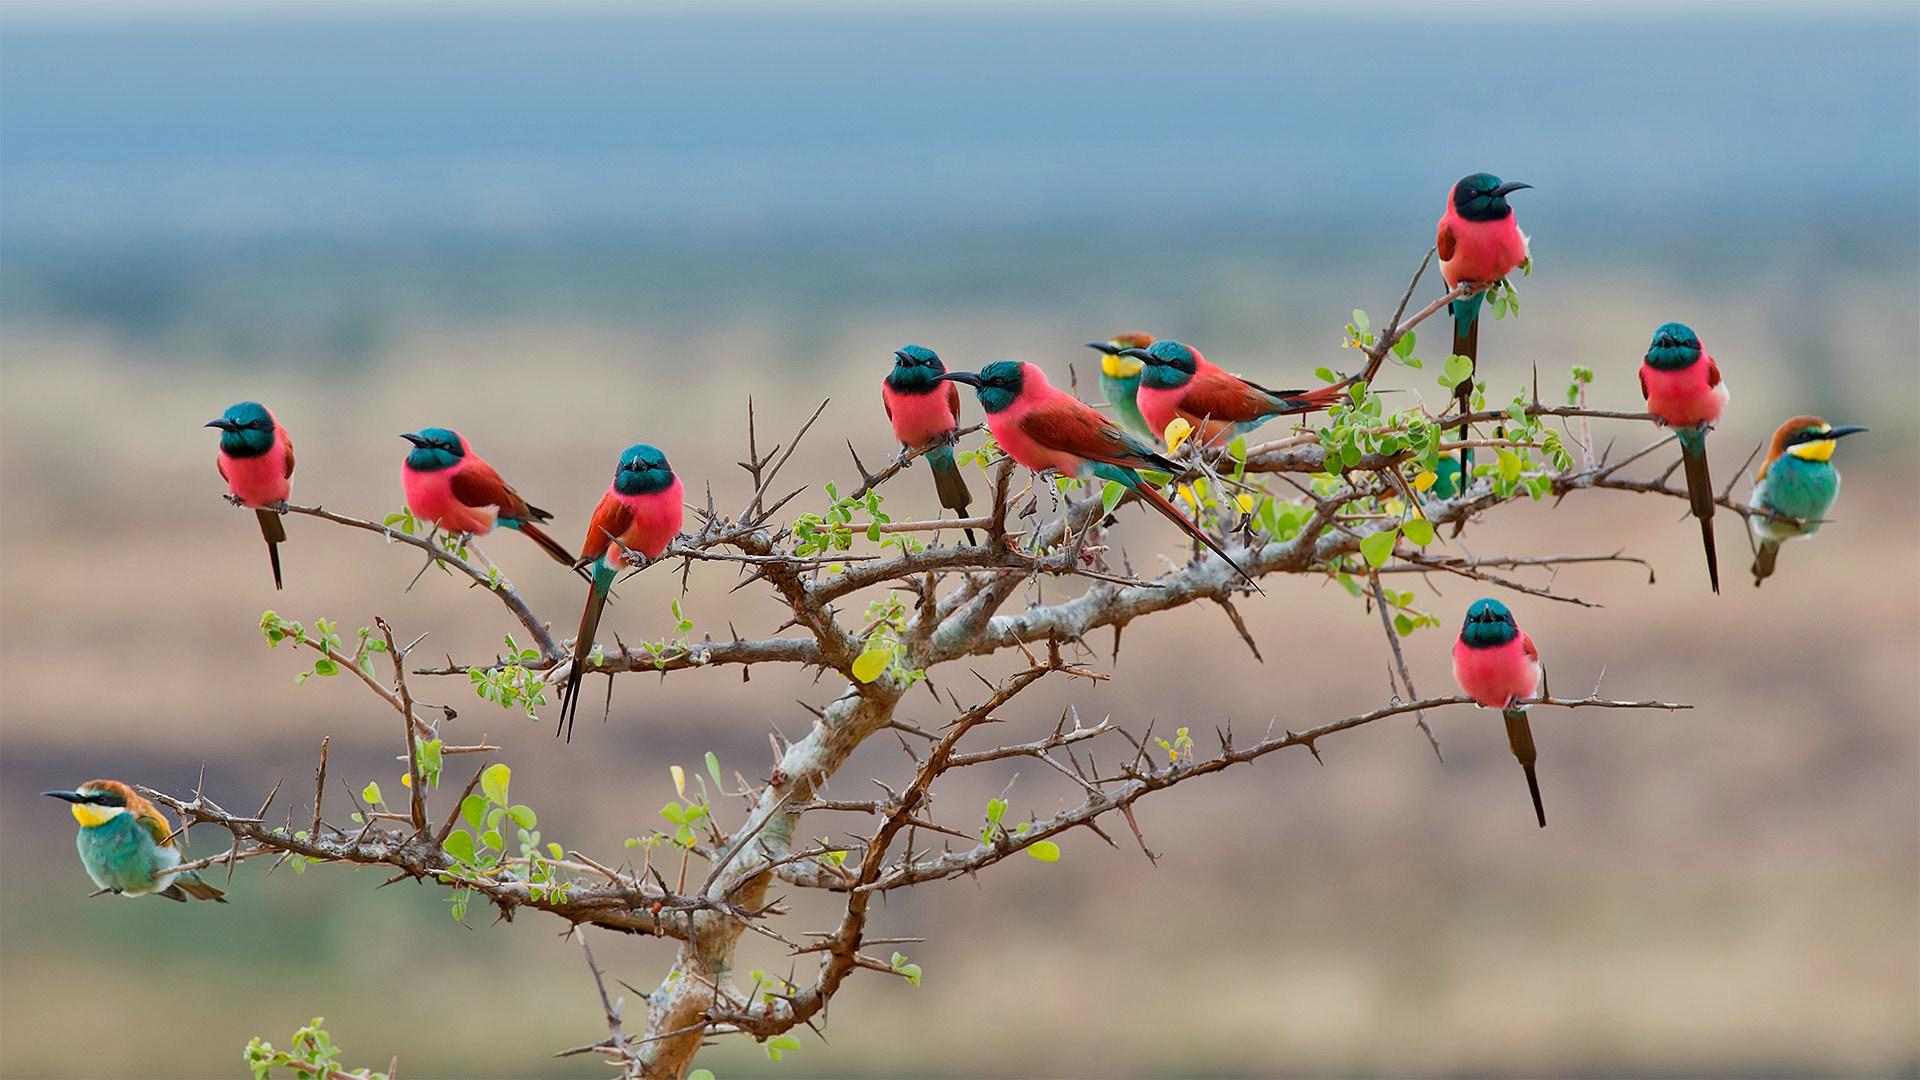 姆科马齐国家公园的北部胭脂红食蜂鸟和欧洲食蜂鸟姆科马齐国家公园